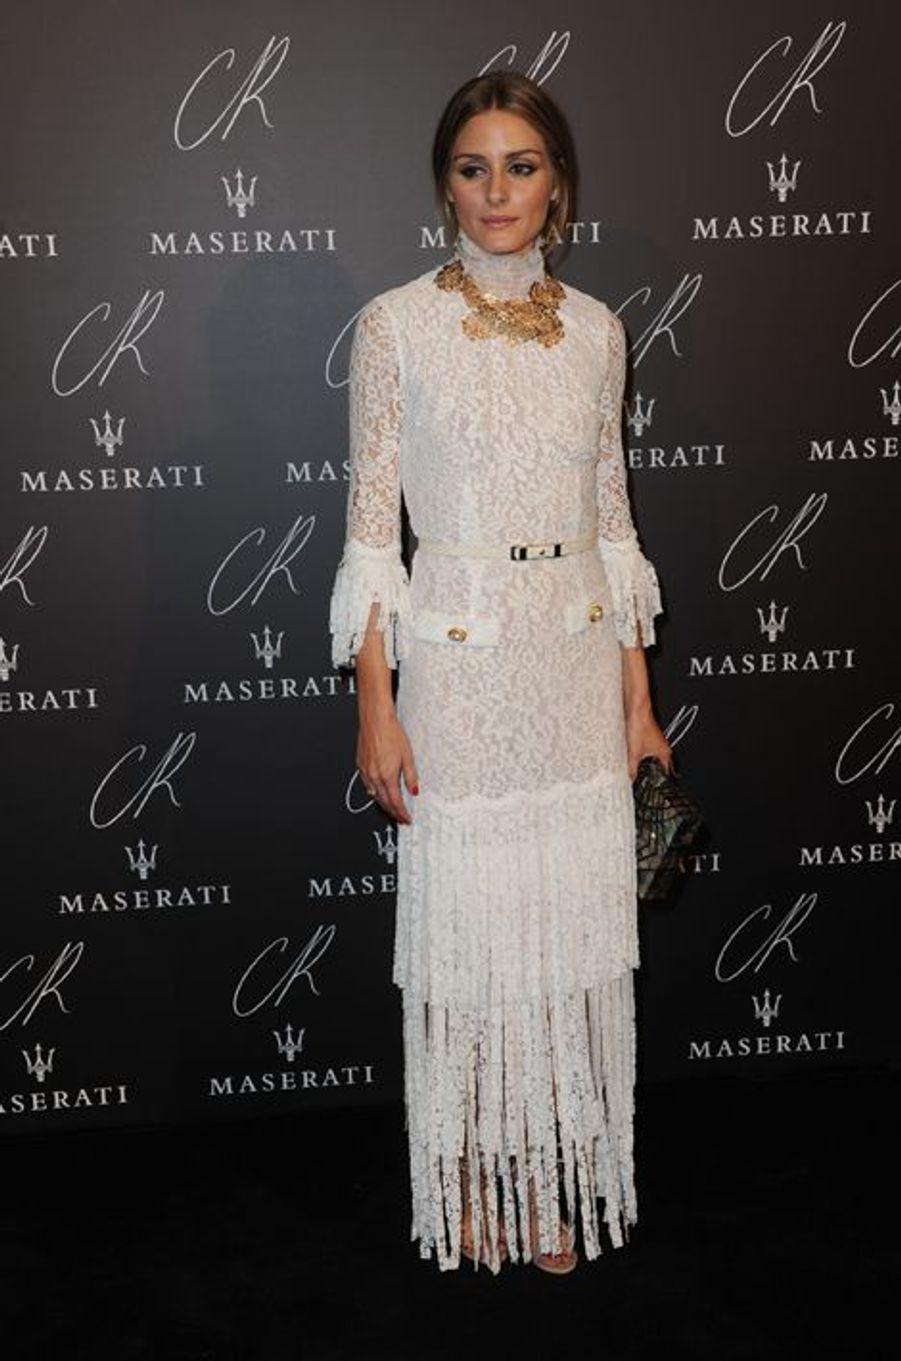 Olivia Palermo à la soirée CR Fashion Book organisée à Paris le mardi 30 septembre 2014